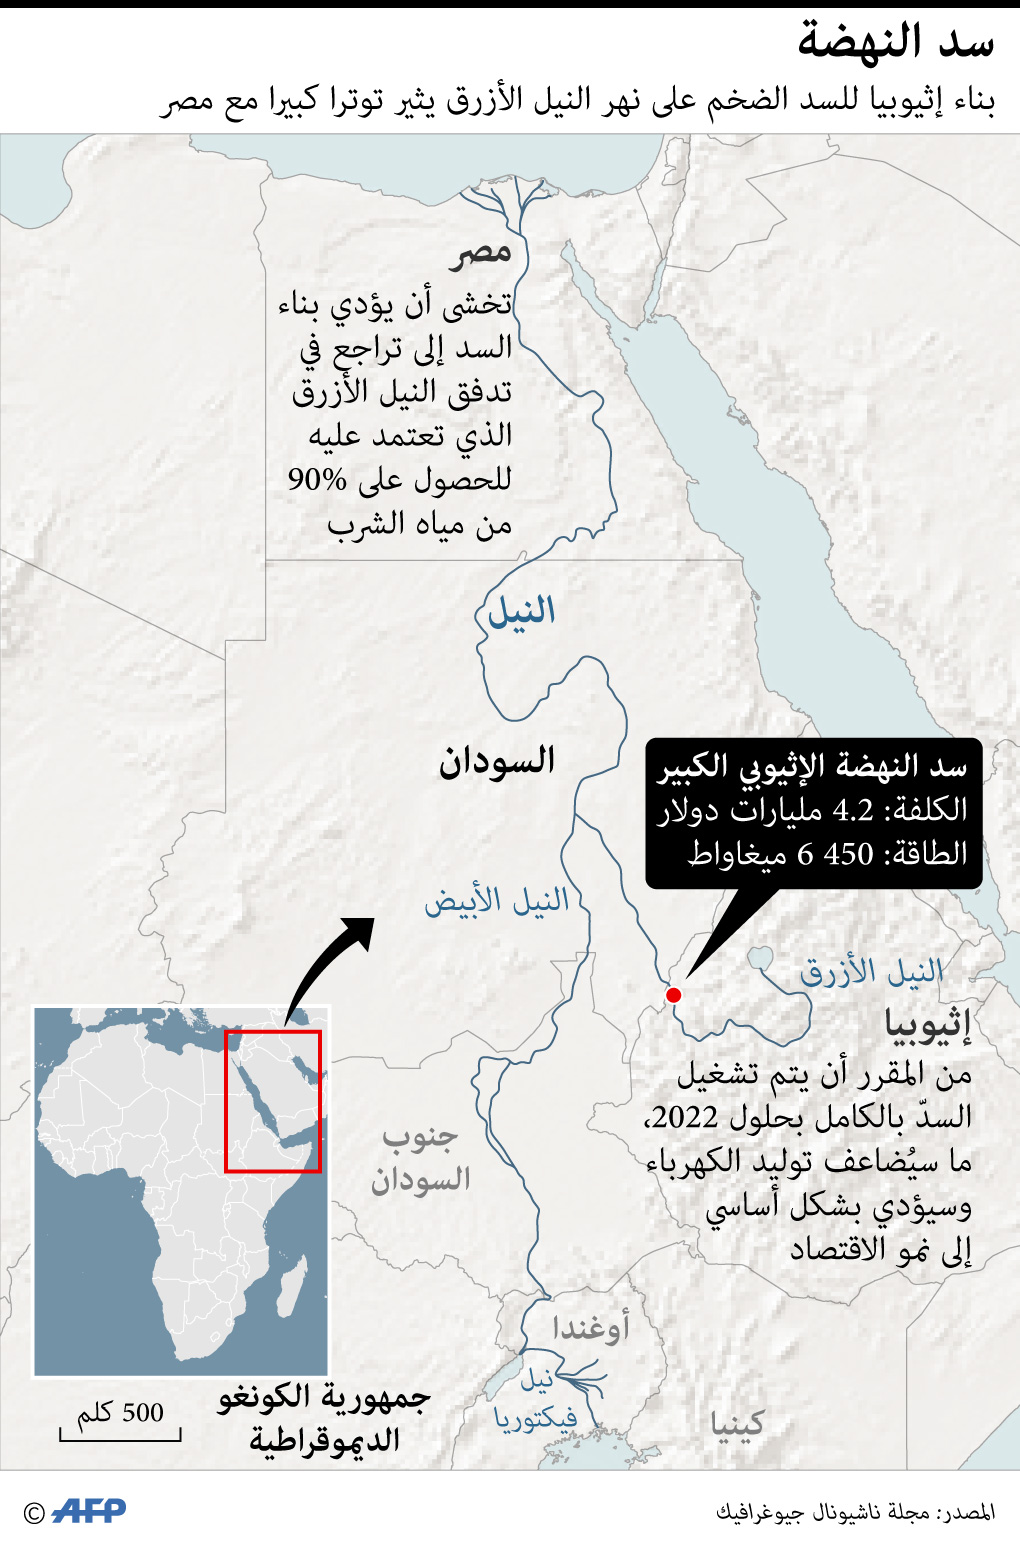 تأثيرات سد النهضة ستكون كبيرة على المصريين وقد تخفض نصيب مصر من المياه 15 مليار متر مكعب من المياه سنويا على أقل تقدير